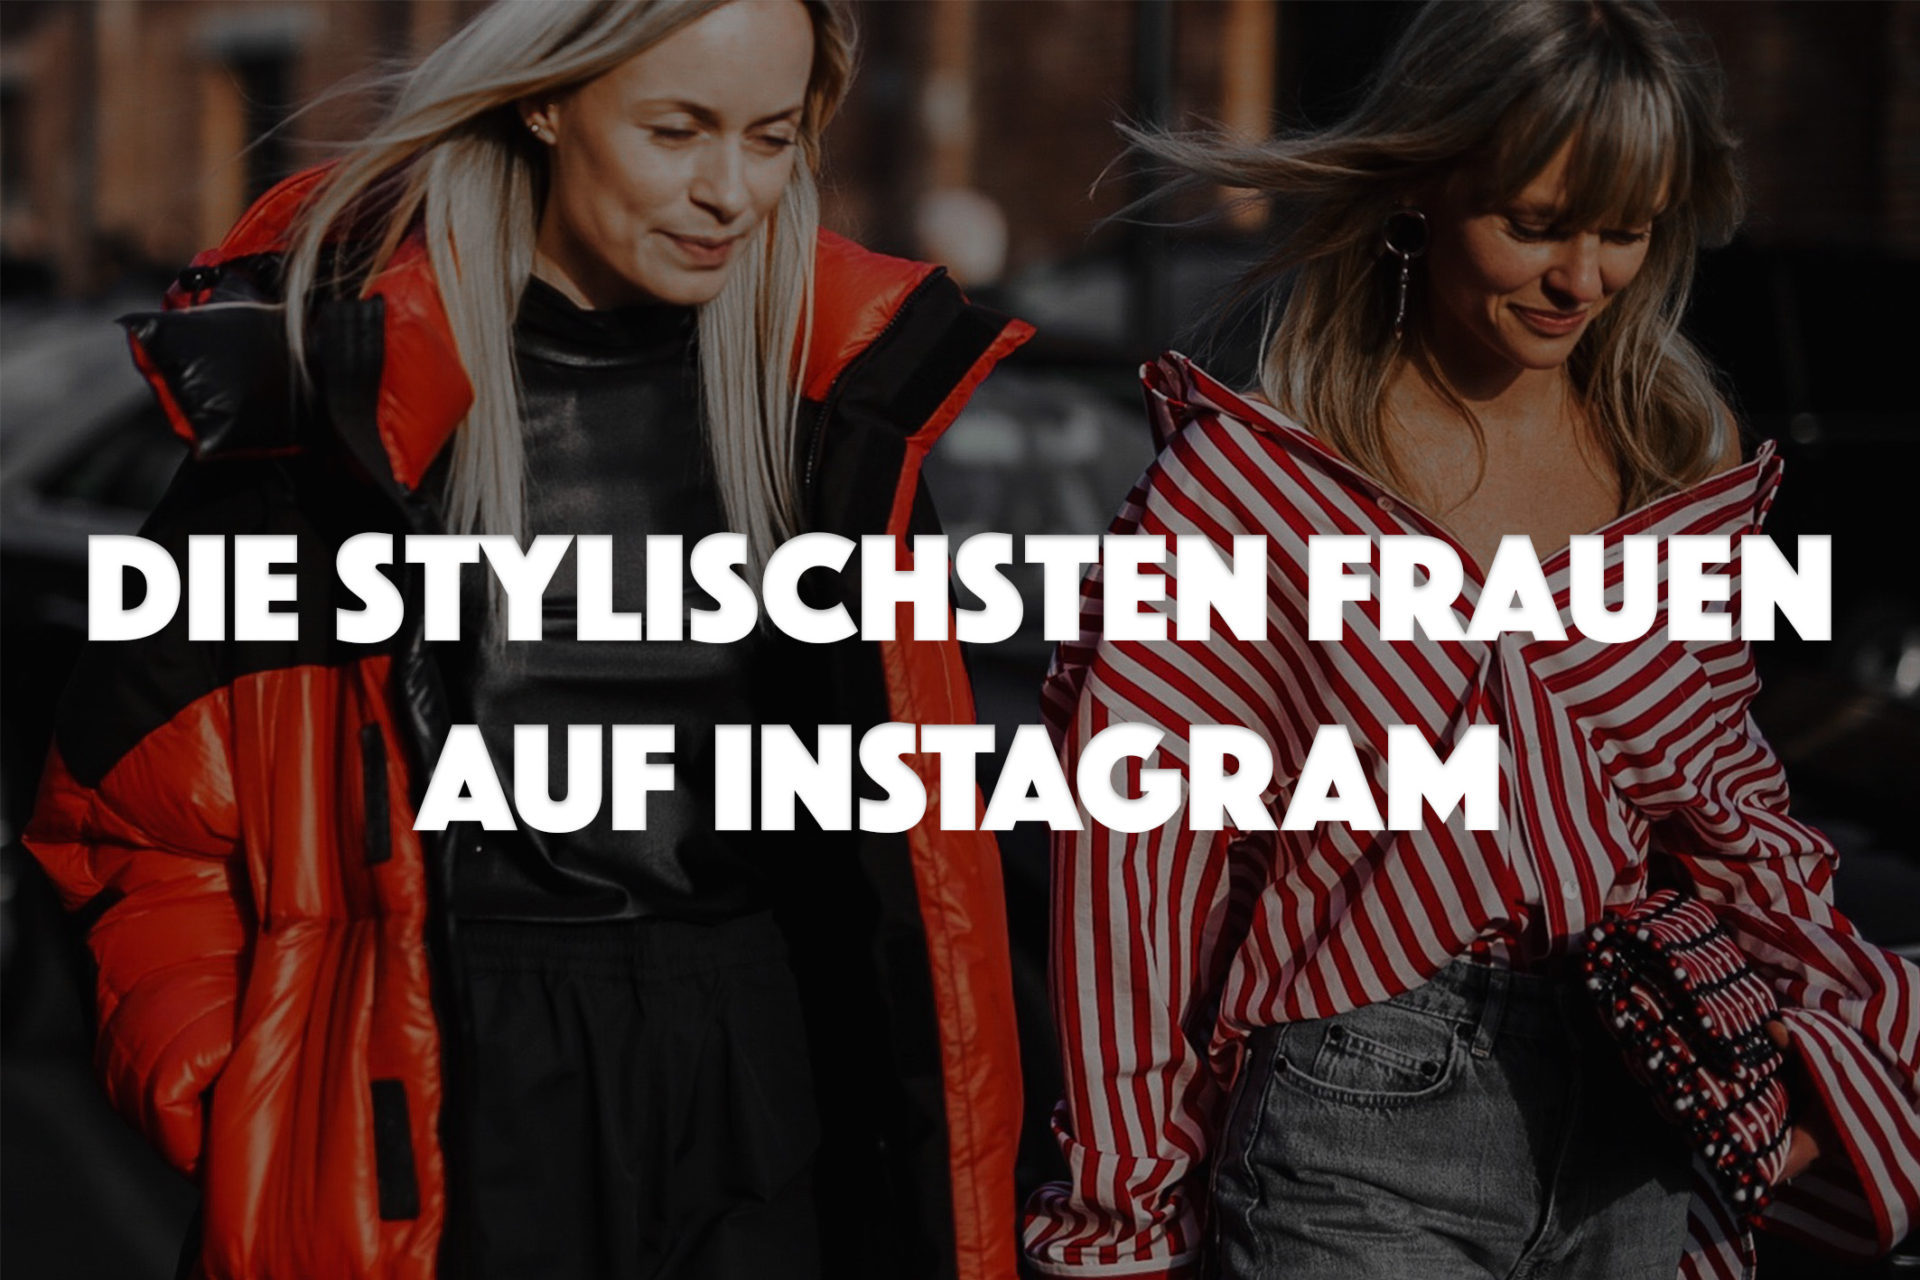 Stylischsten Frauen auf Instagram